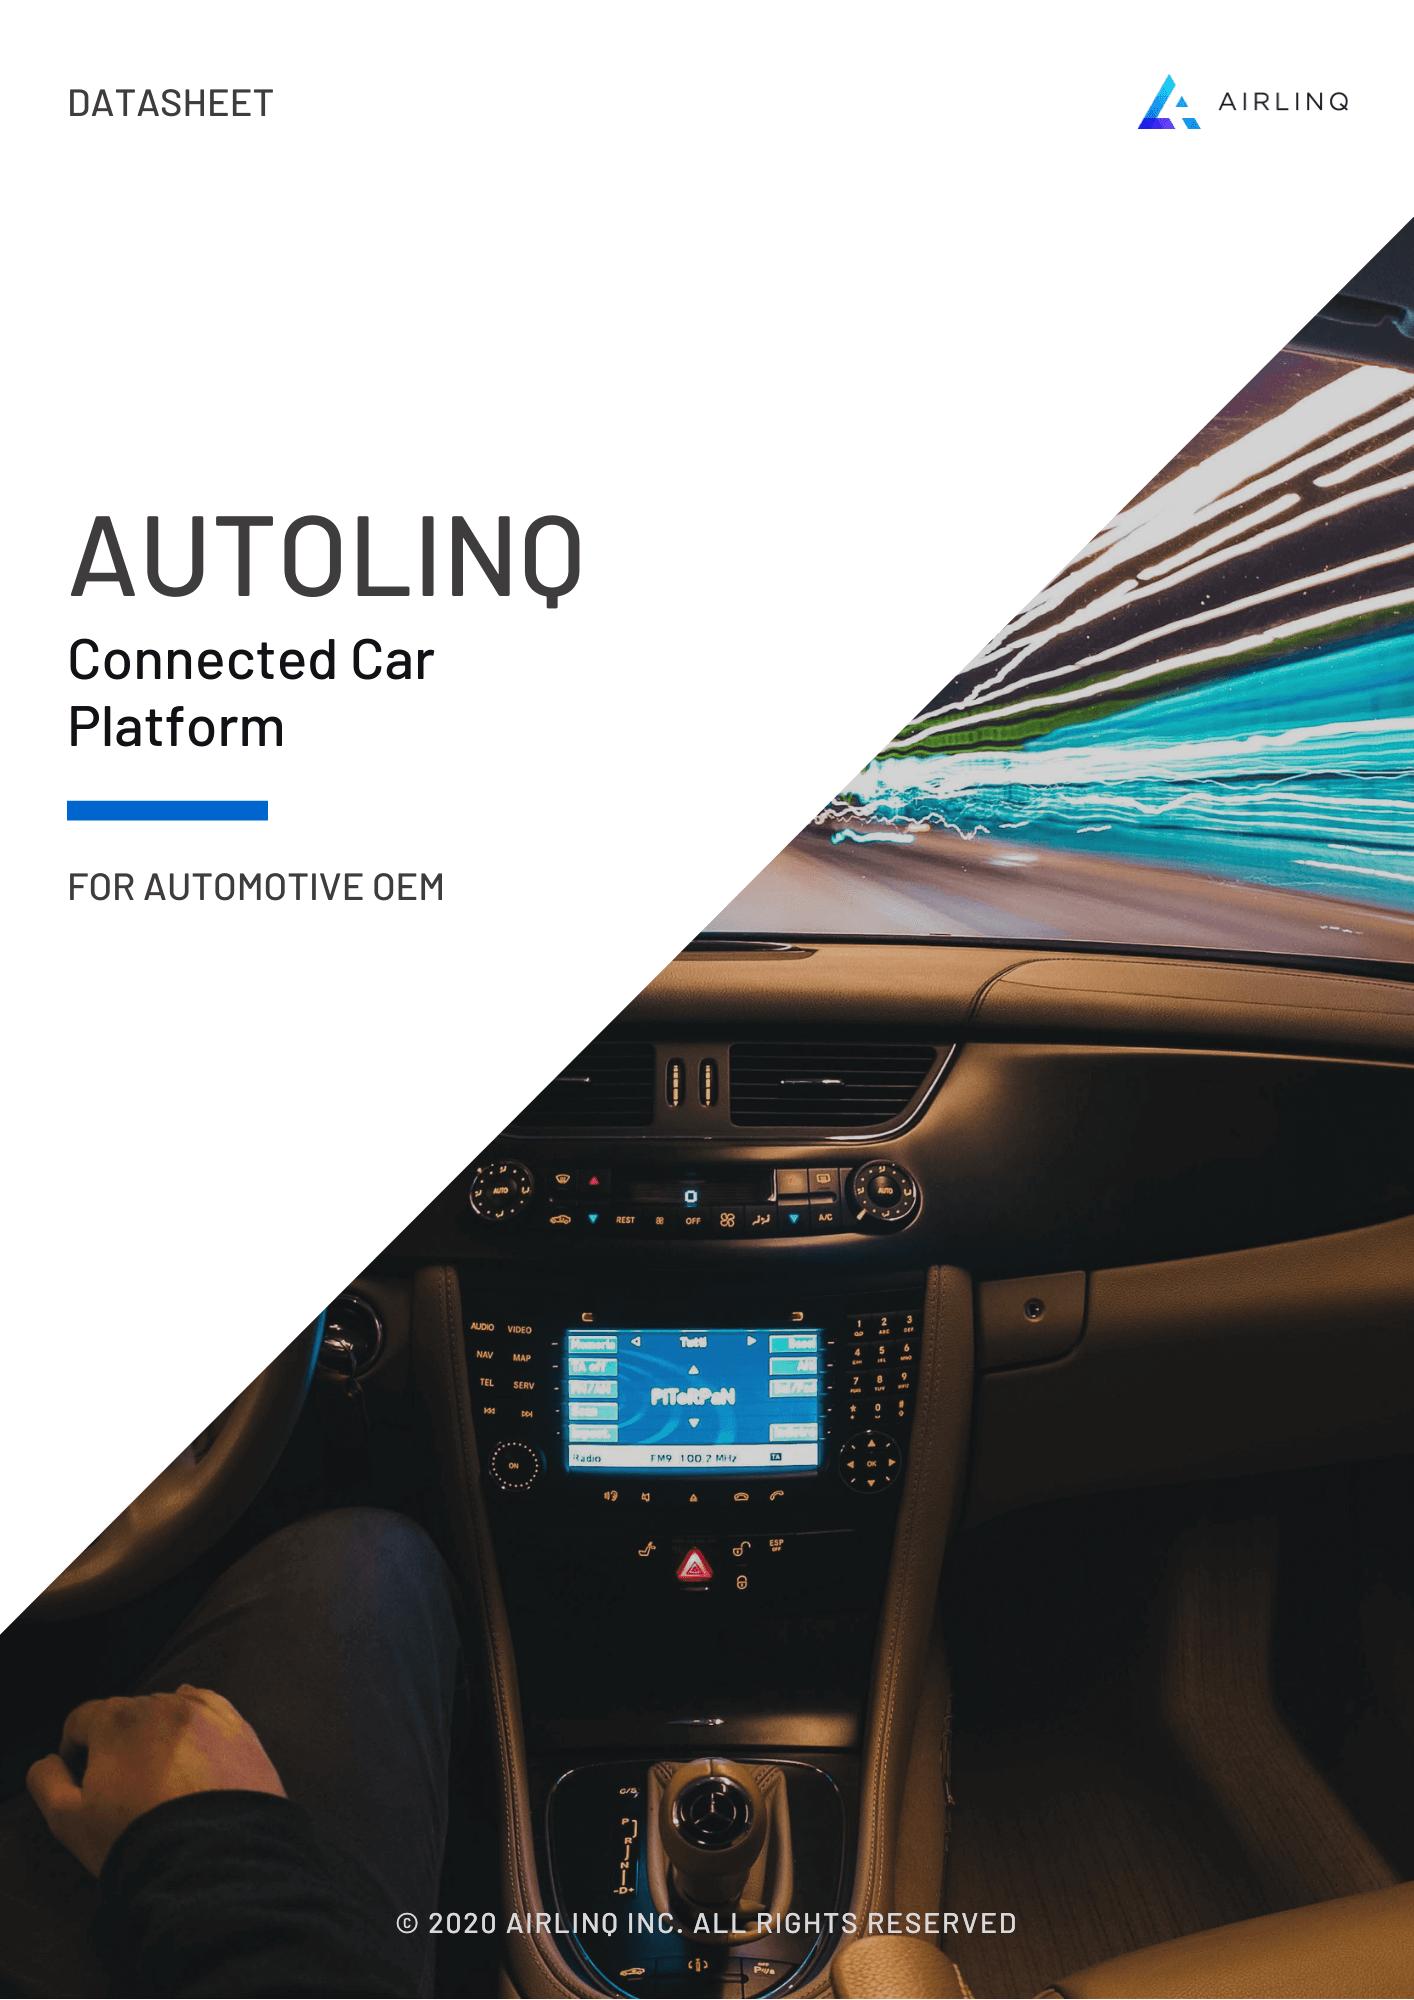 AUTOLINQ – Connected Car Platform